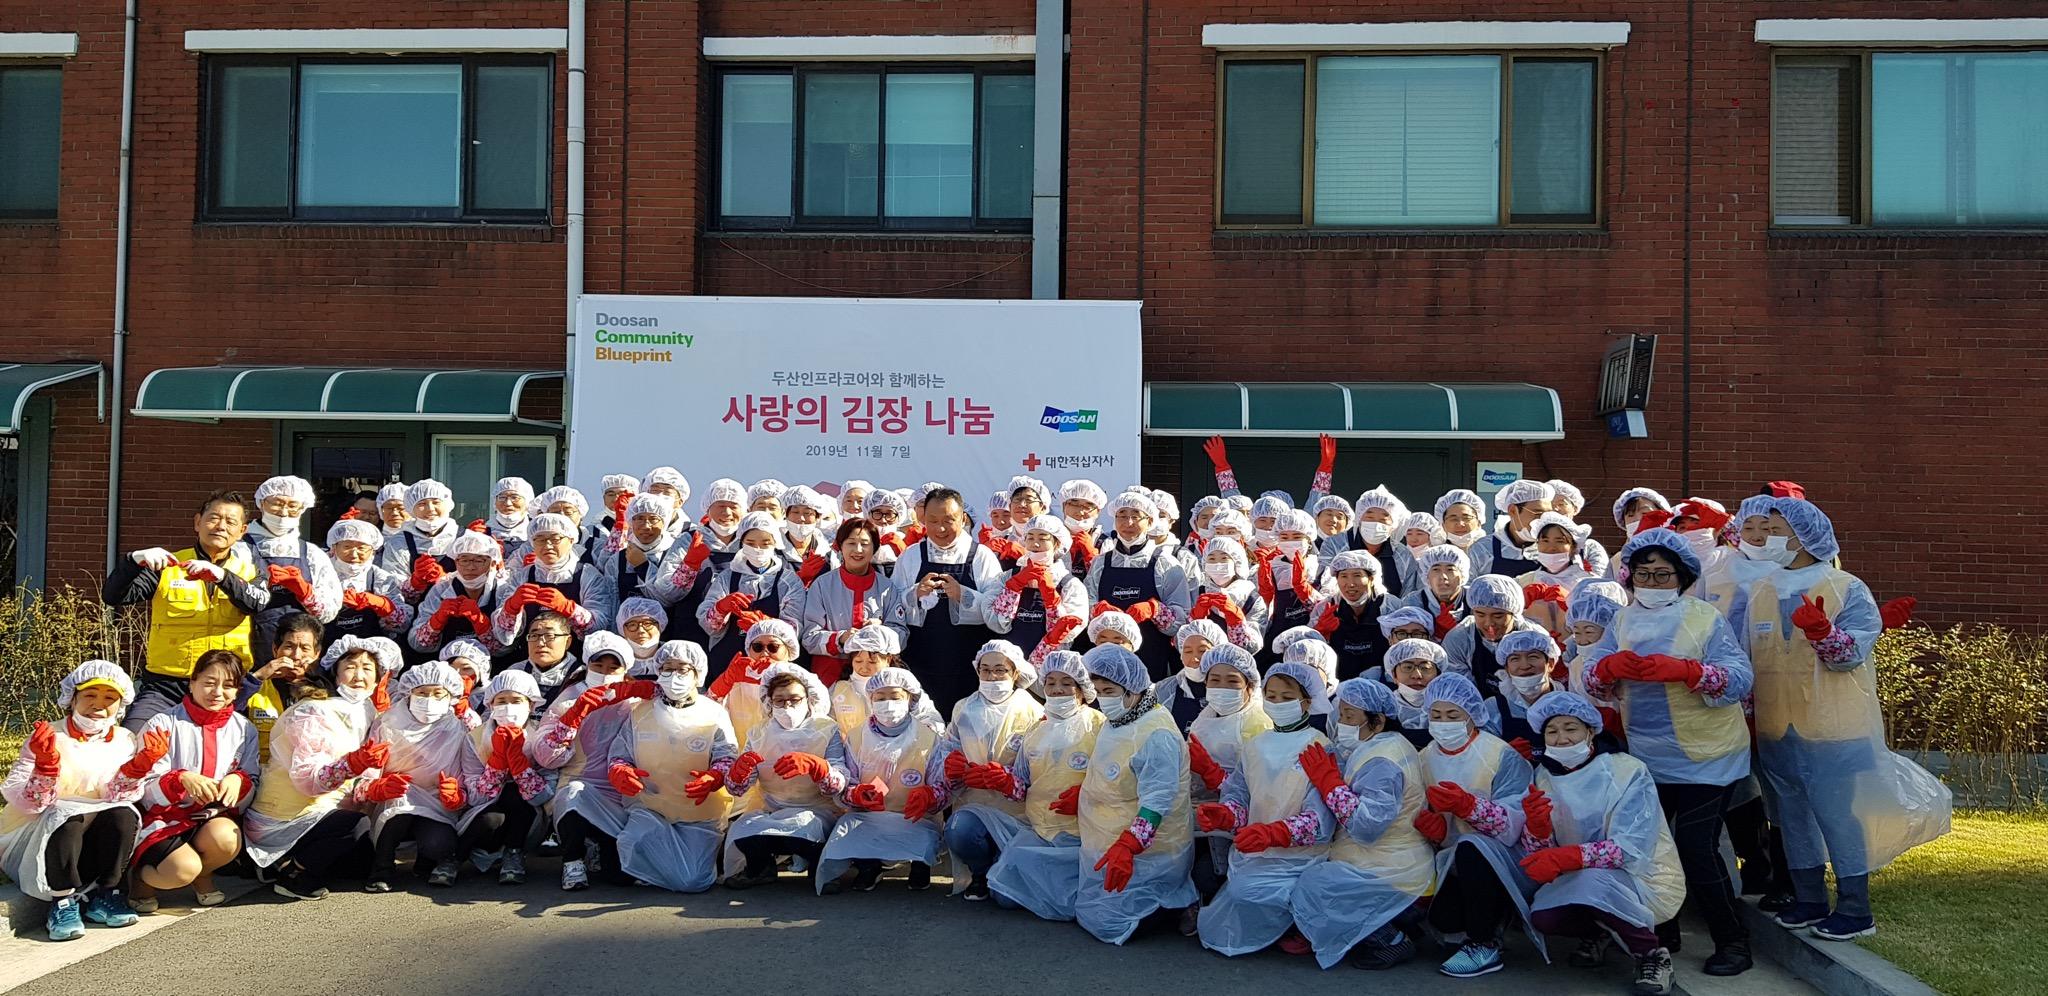 대한적십자사 동구협의회, 두산인프라코어와 사랑의 김치 나눔